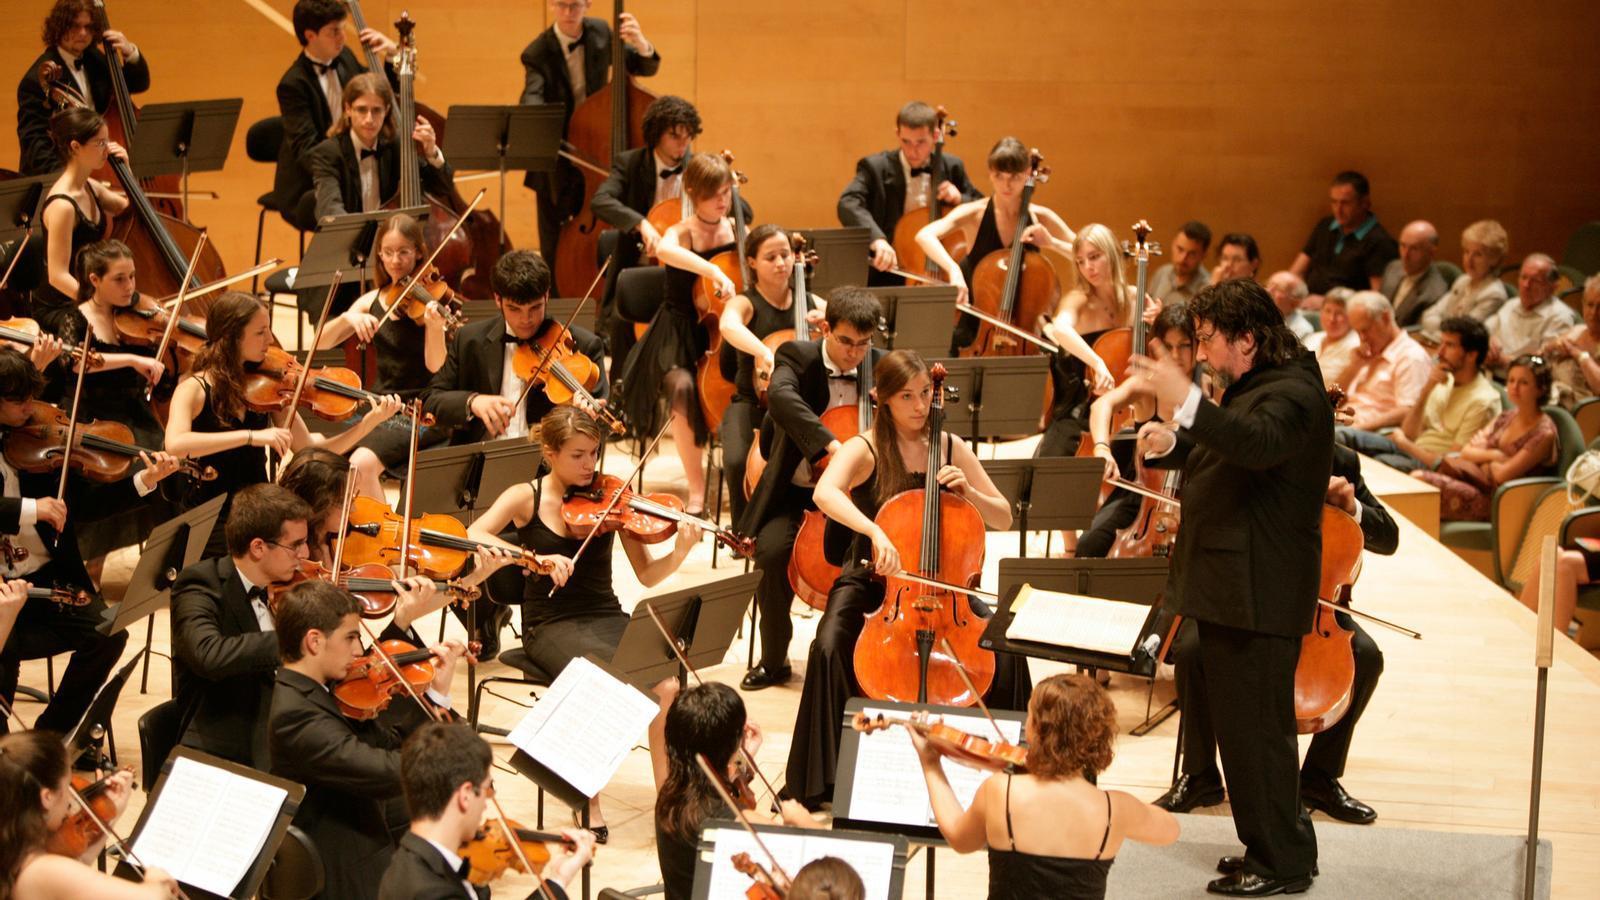 L'entusiasme de la jove orquestra catalana va ser conduït per Manel Valdivieso amb flexibilitat i força rítmica . / JONC